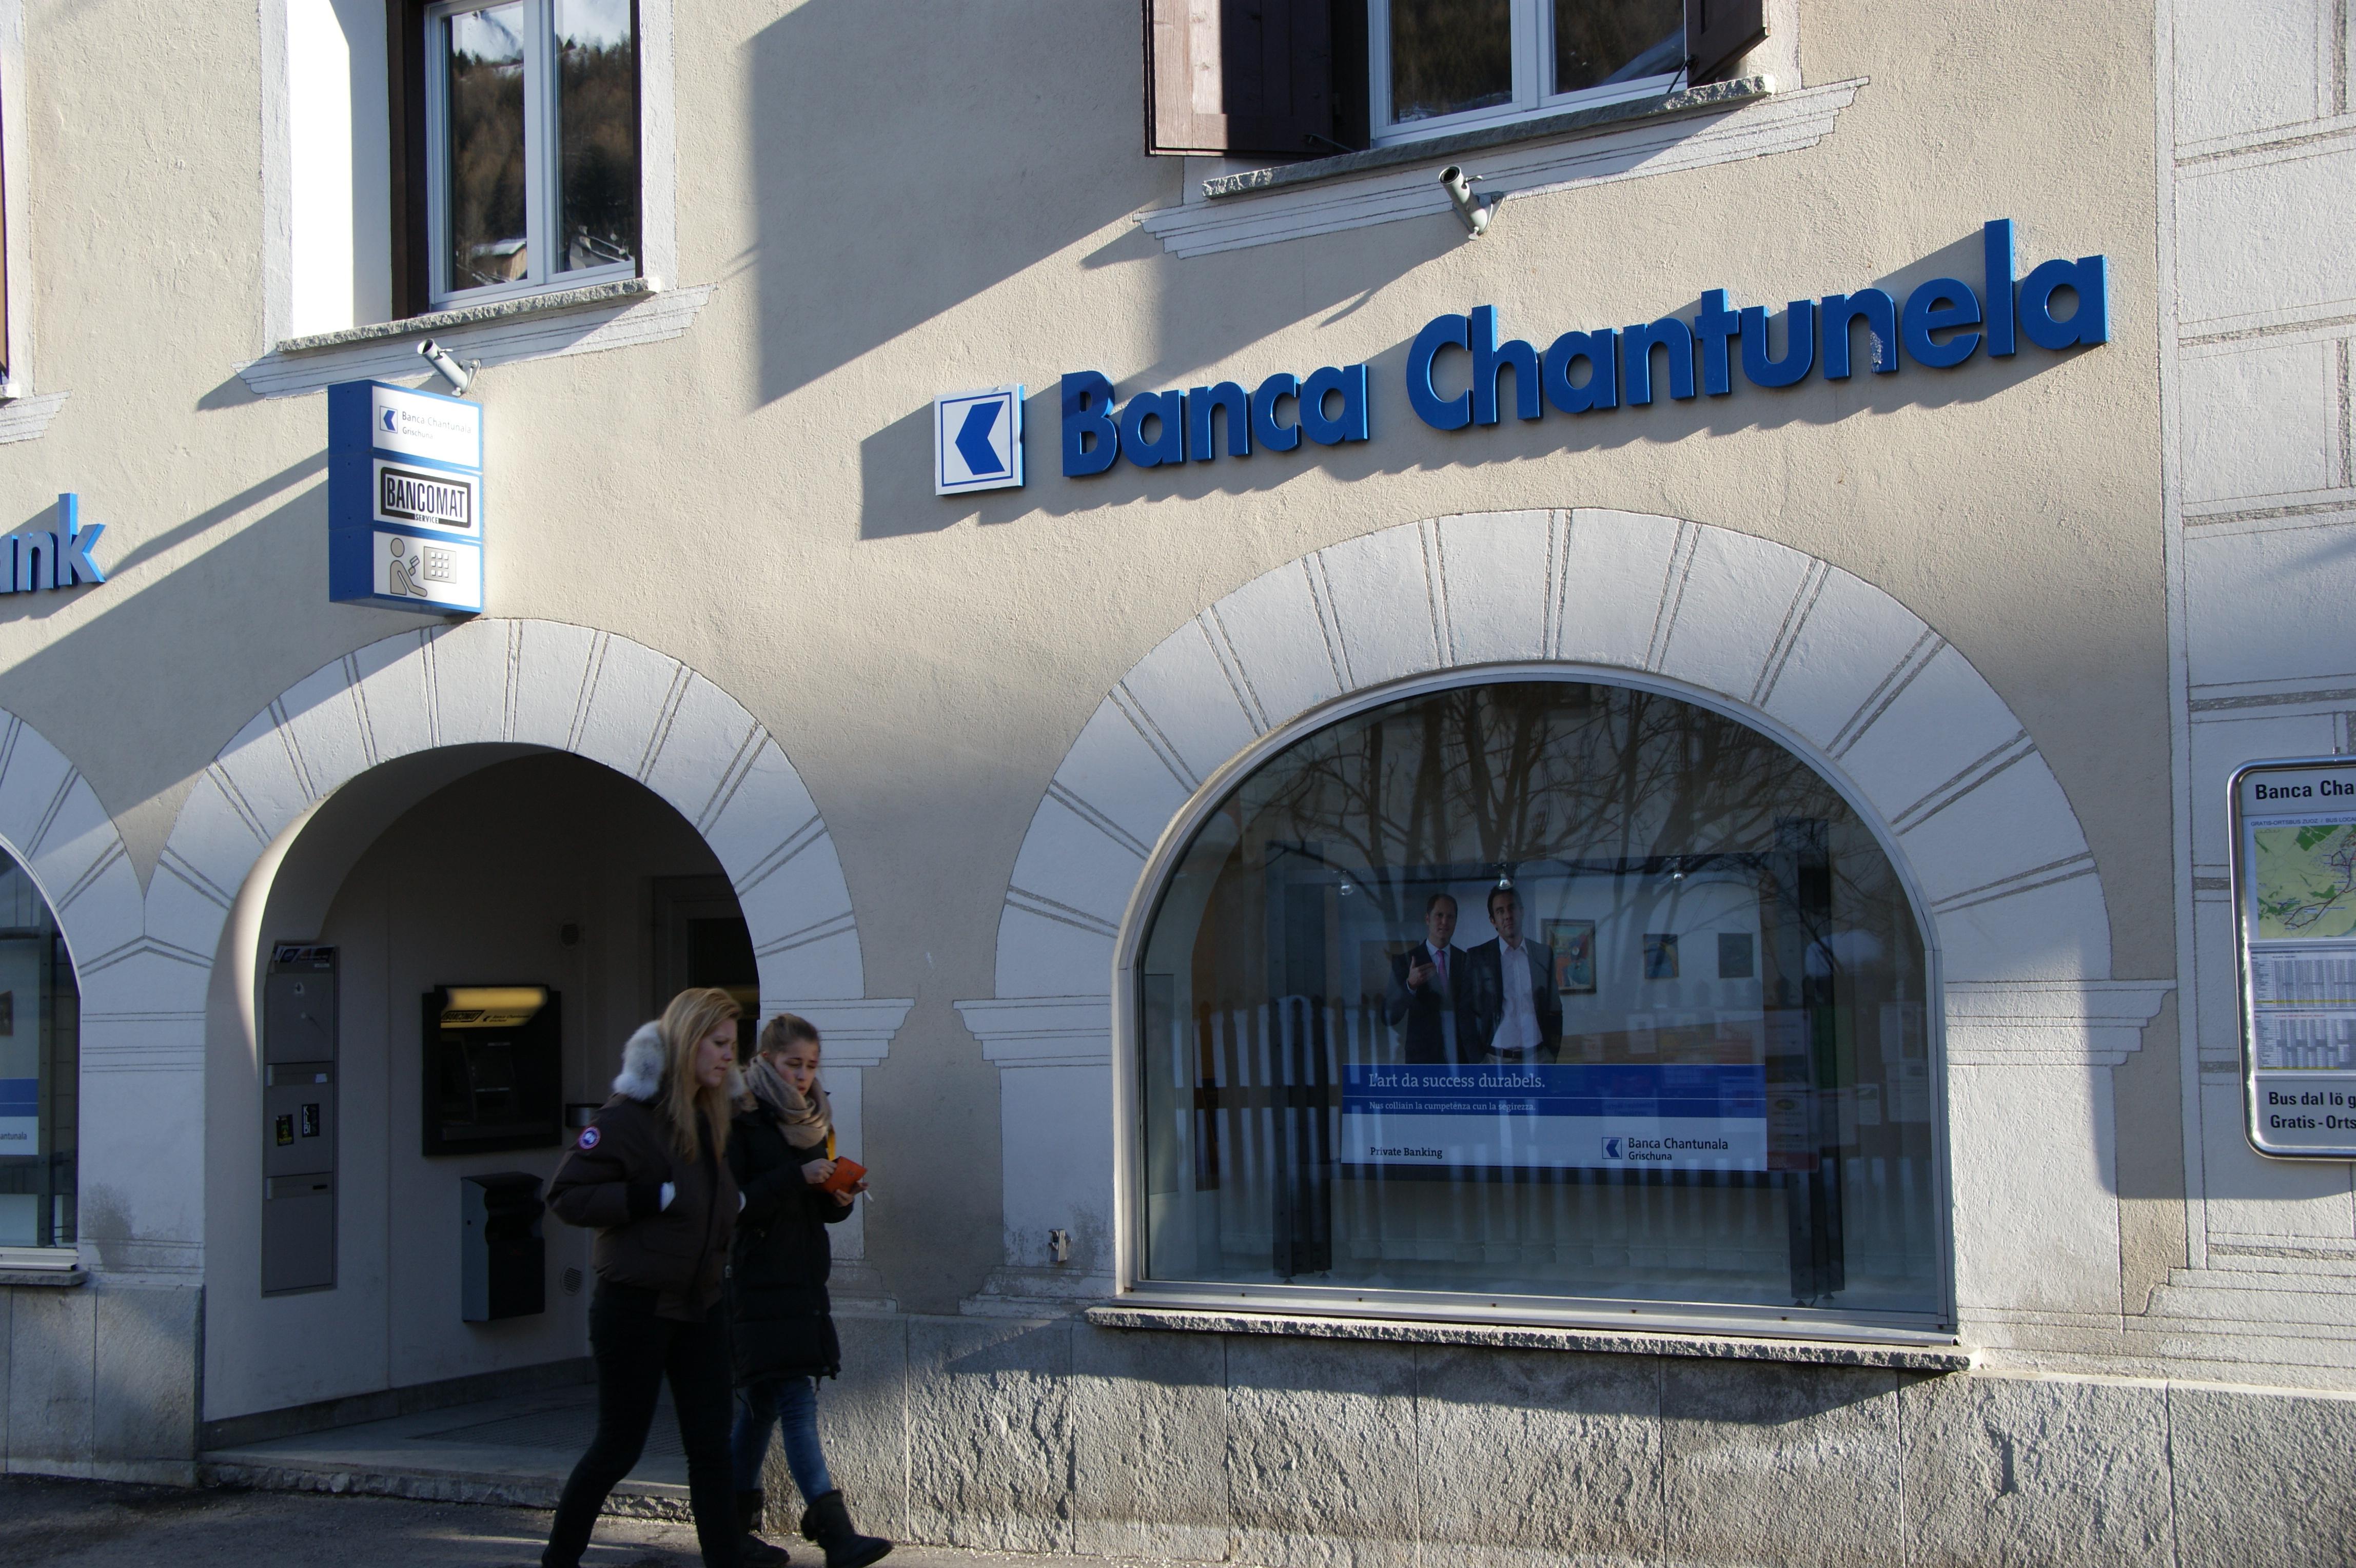 Graubündner Kantonalbank Slide 4